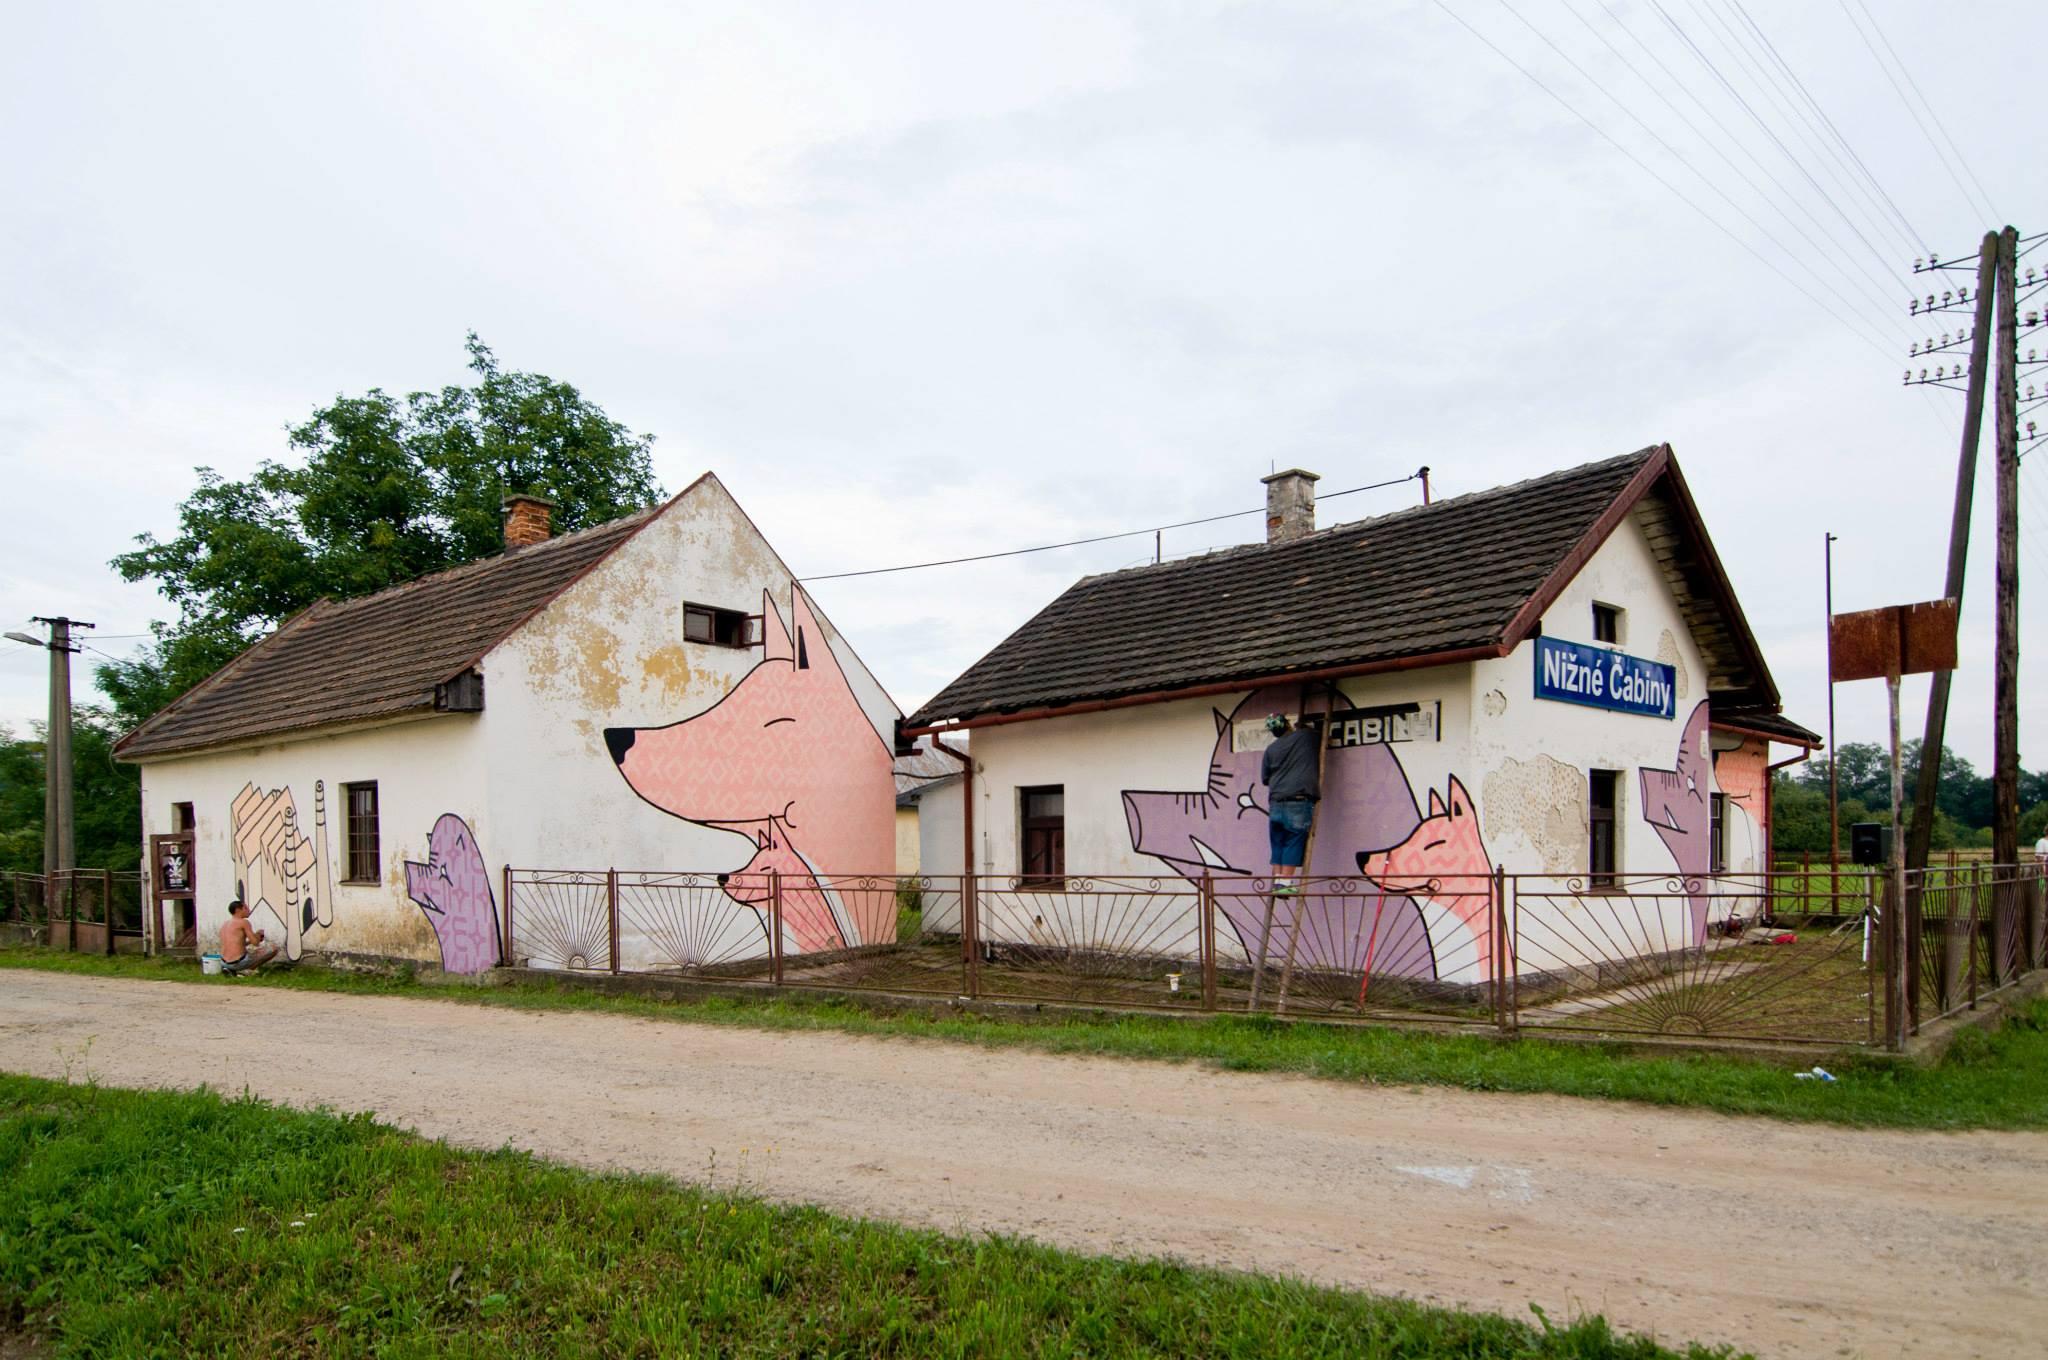 Cabiny, Pek Crew, street art